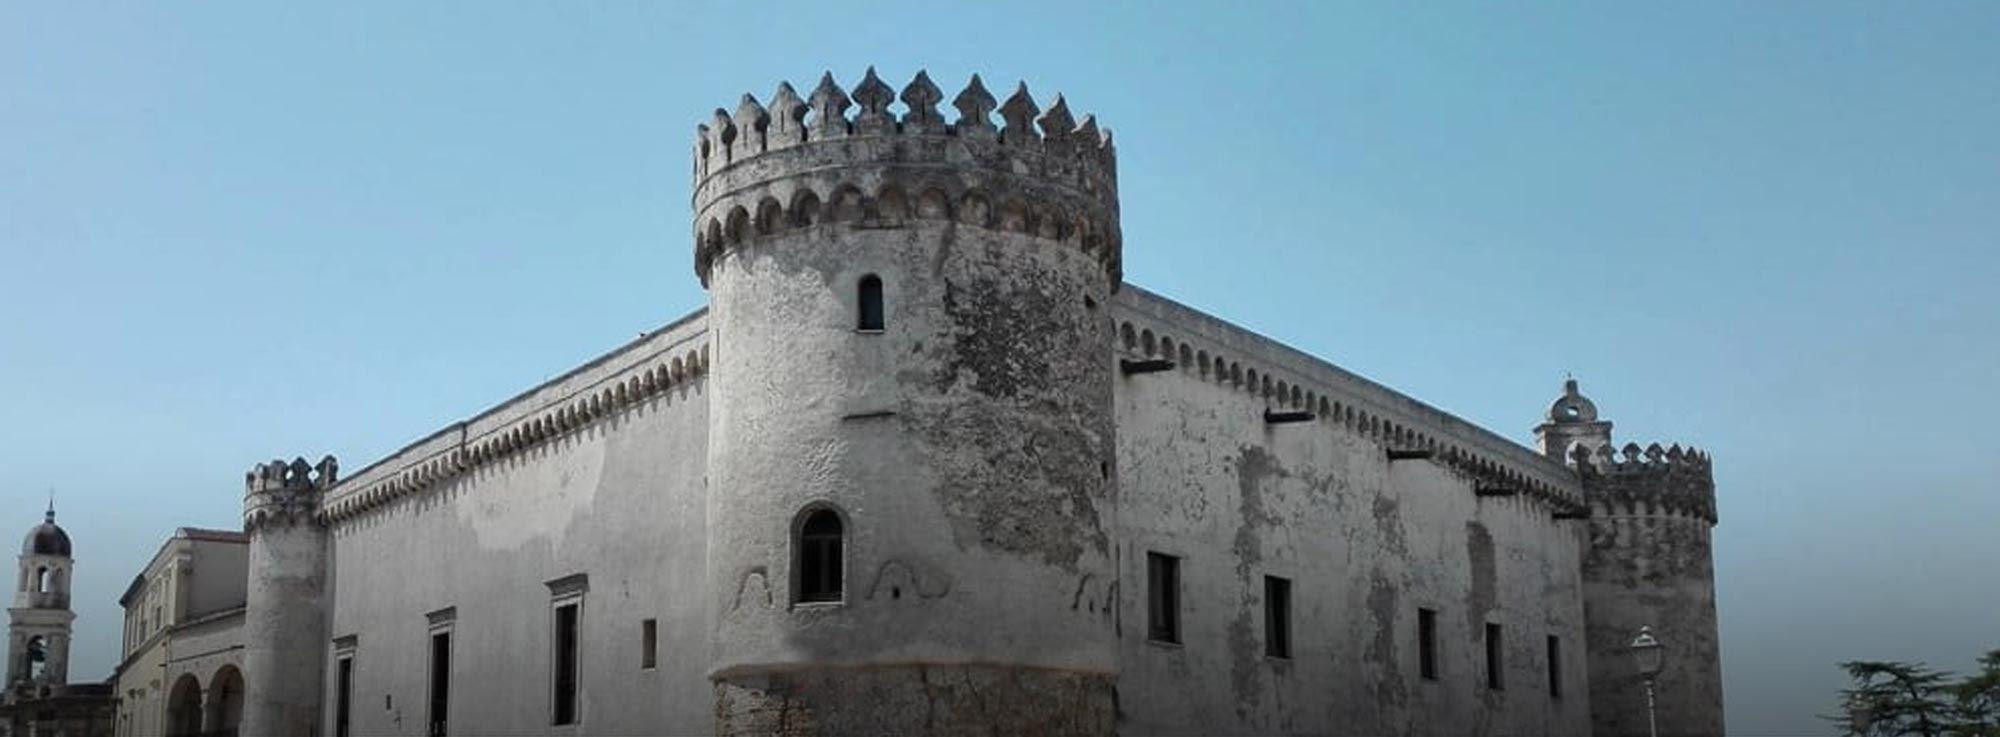 Torremaggiore: Un castello straordinario - visita guidata animata